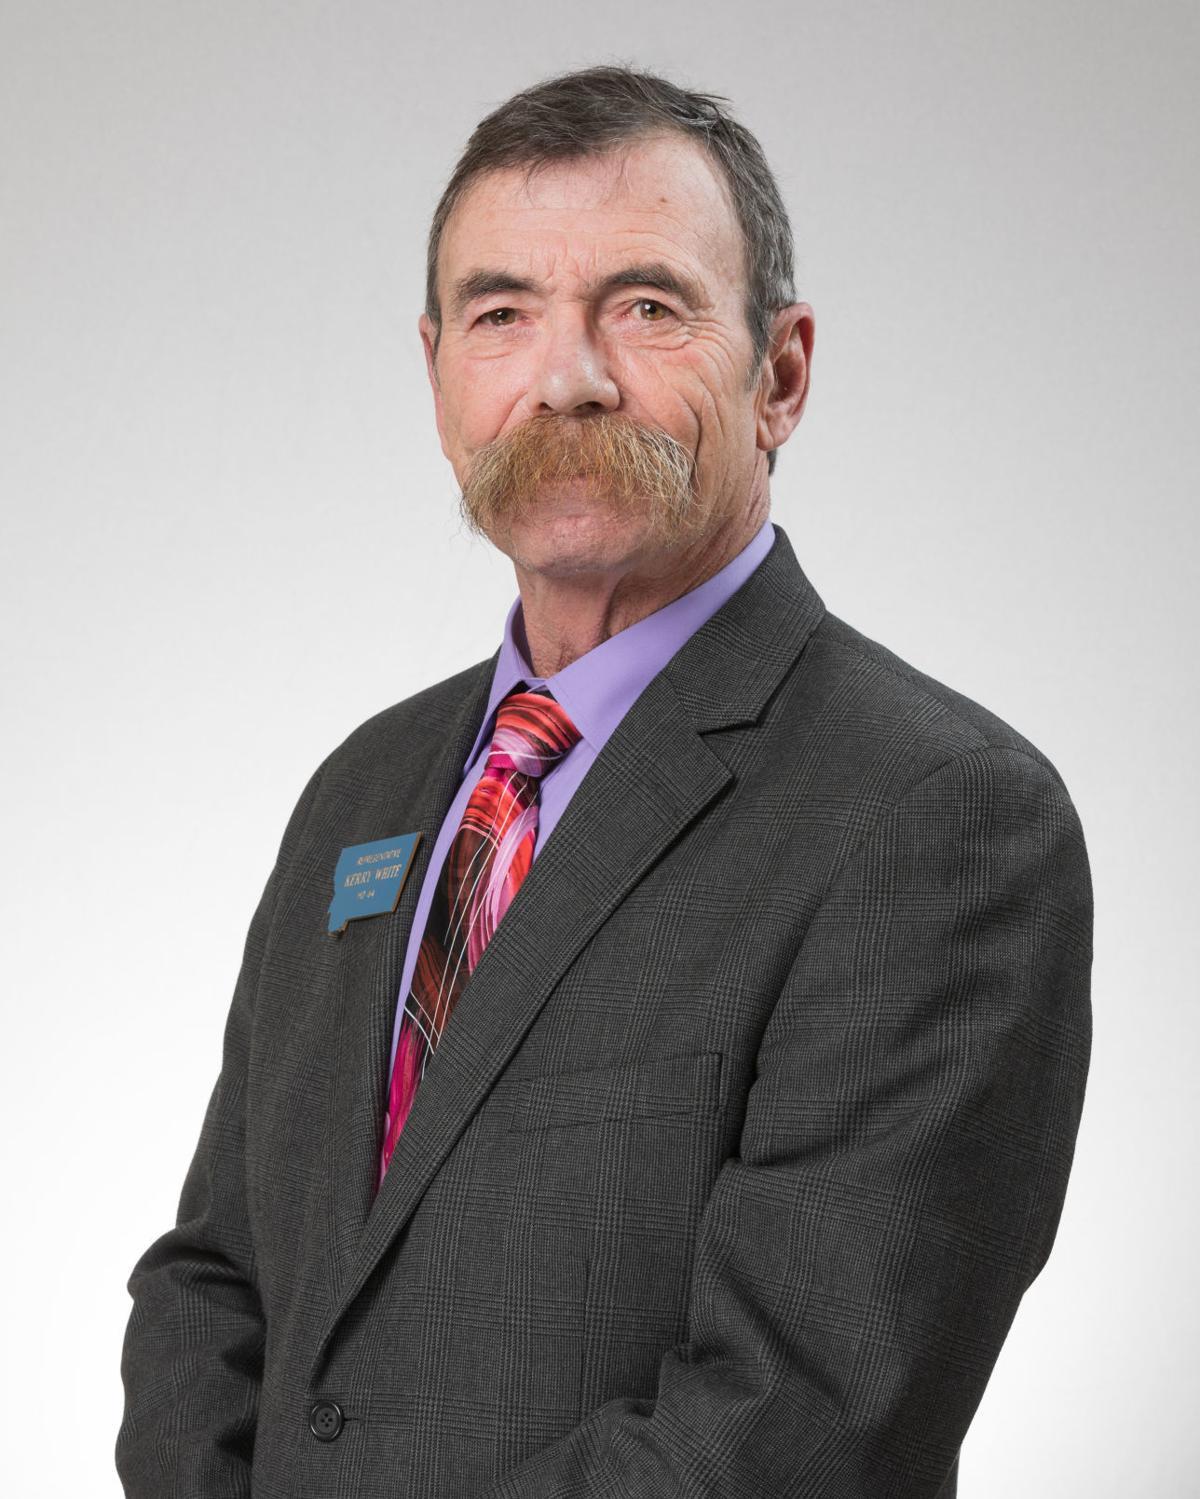 Rep. Kerry White R-Bozeman HD 64